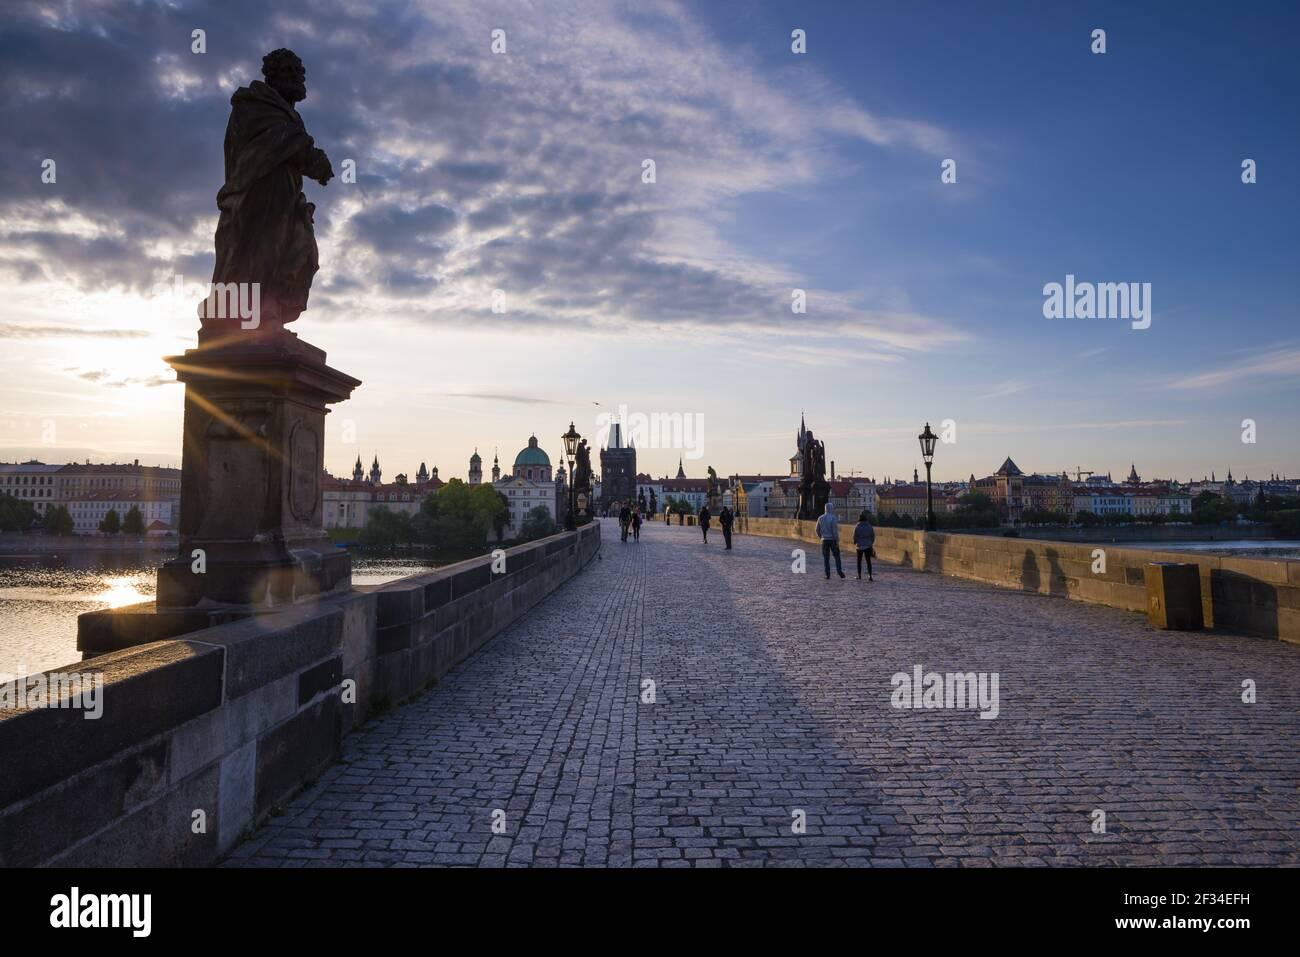 Geografia / viaggio, Czechia, Ponte Carlo con la torre del ponte della città vecchia, patrimonio dell'umanità dell'UNESCO, Praga, Czechia, libertà di panorama Foto Stock